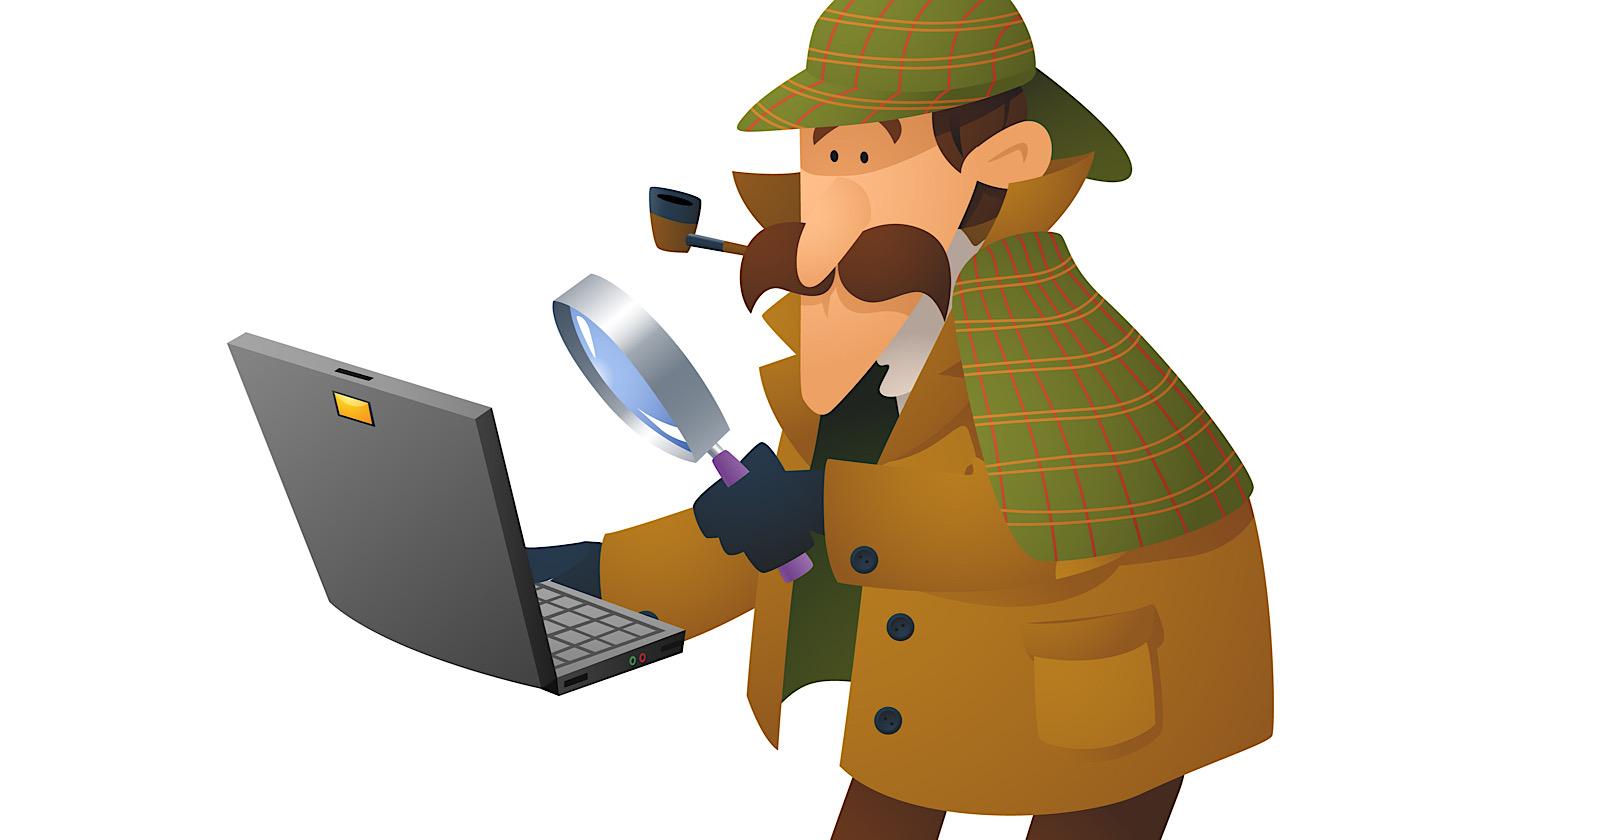 DuckDuckGo đang bị chính quyền thách thức trong cuộc điều tra chống độc quyền của Google 3